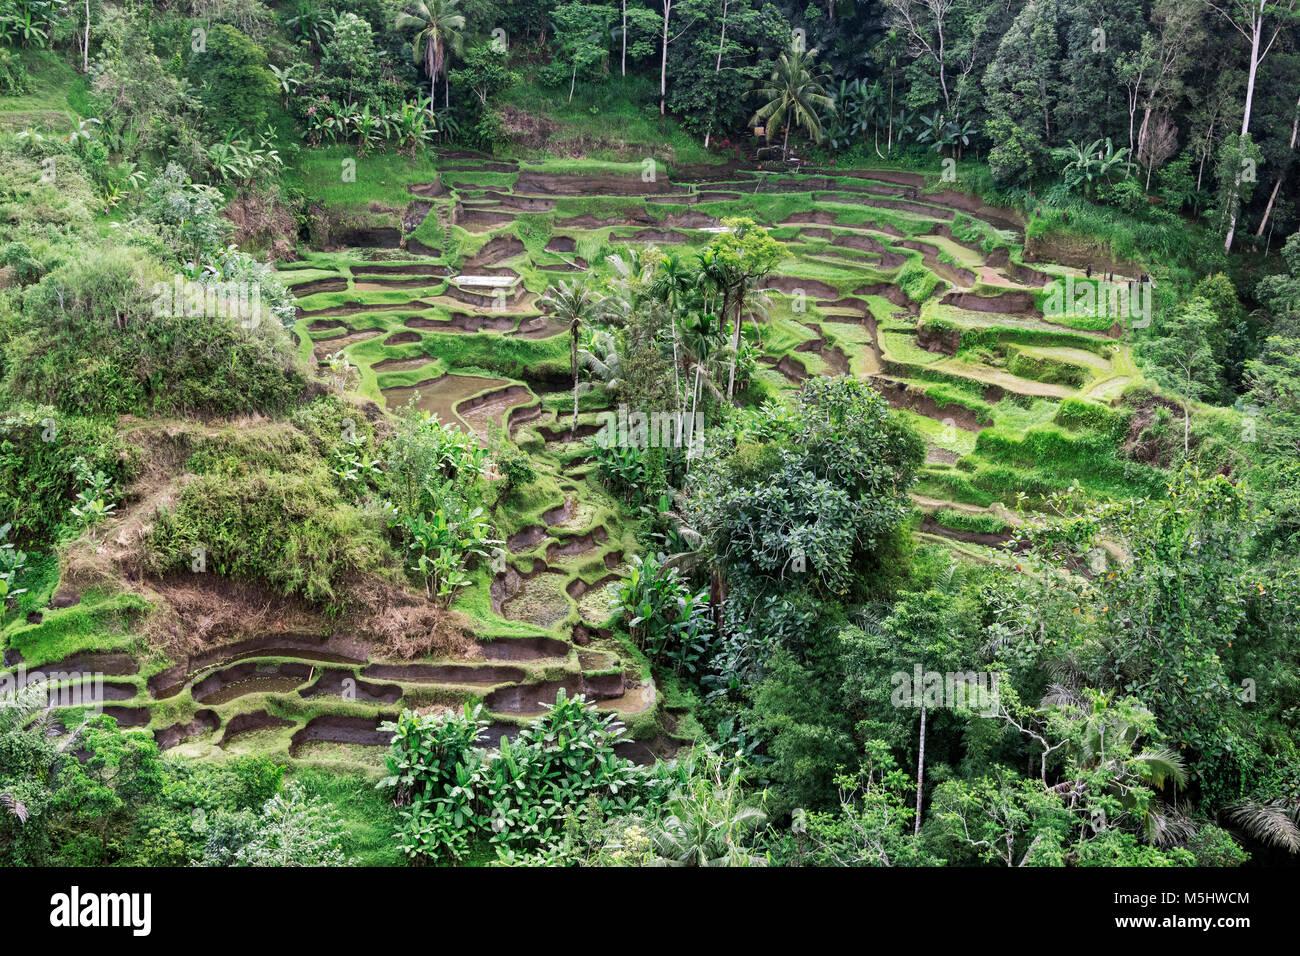 Tegallalang rice paddies, Ubud, Bali - Stock Image